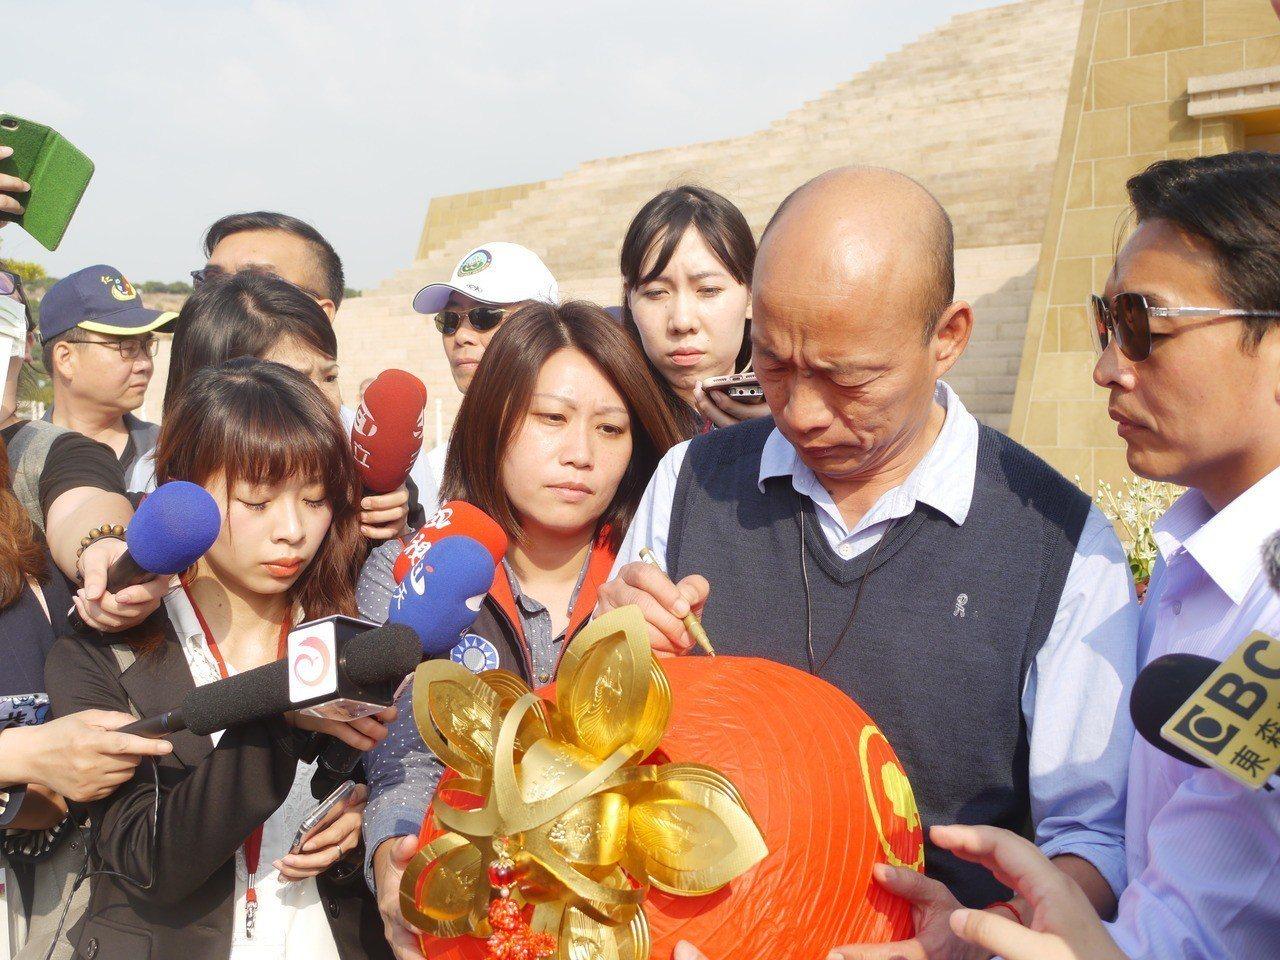 高雄市長韓國瑜今天下午到佛陀紀念館參加「第二屆七彩雲南相約台灣」文化交流活動」。...